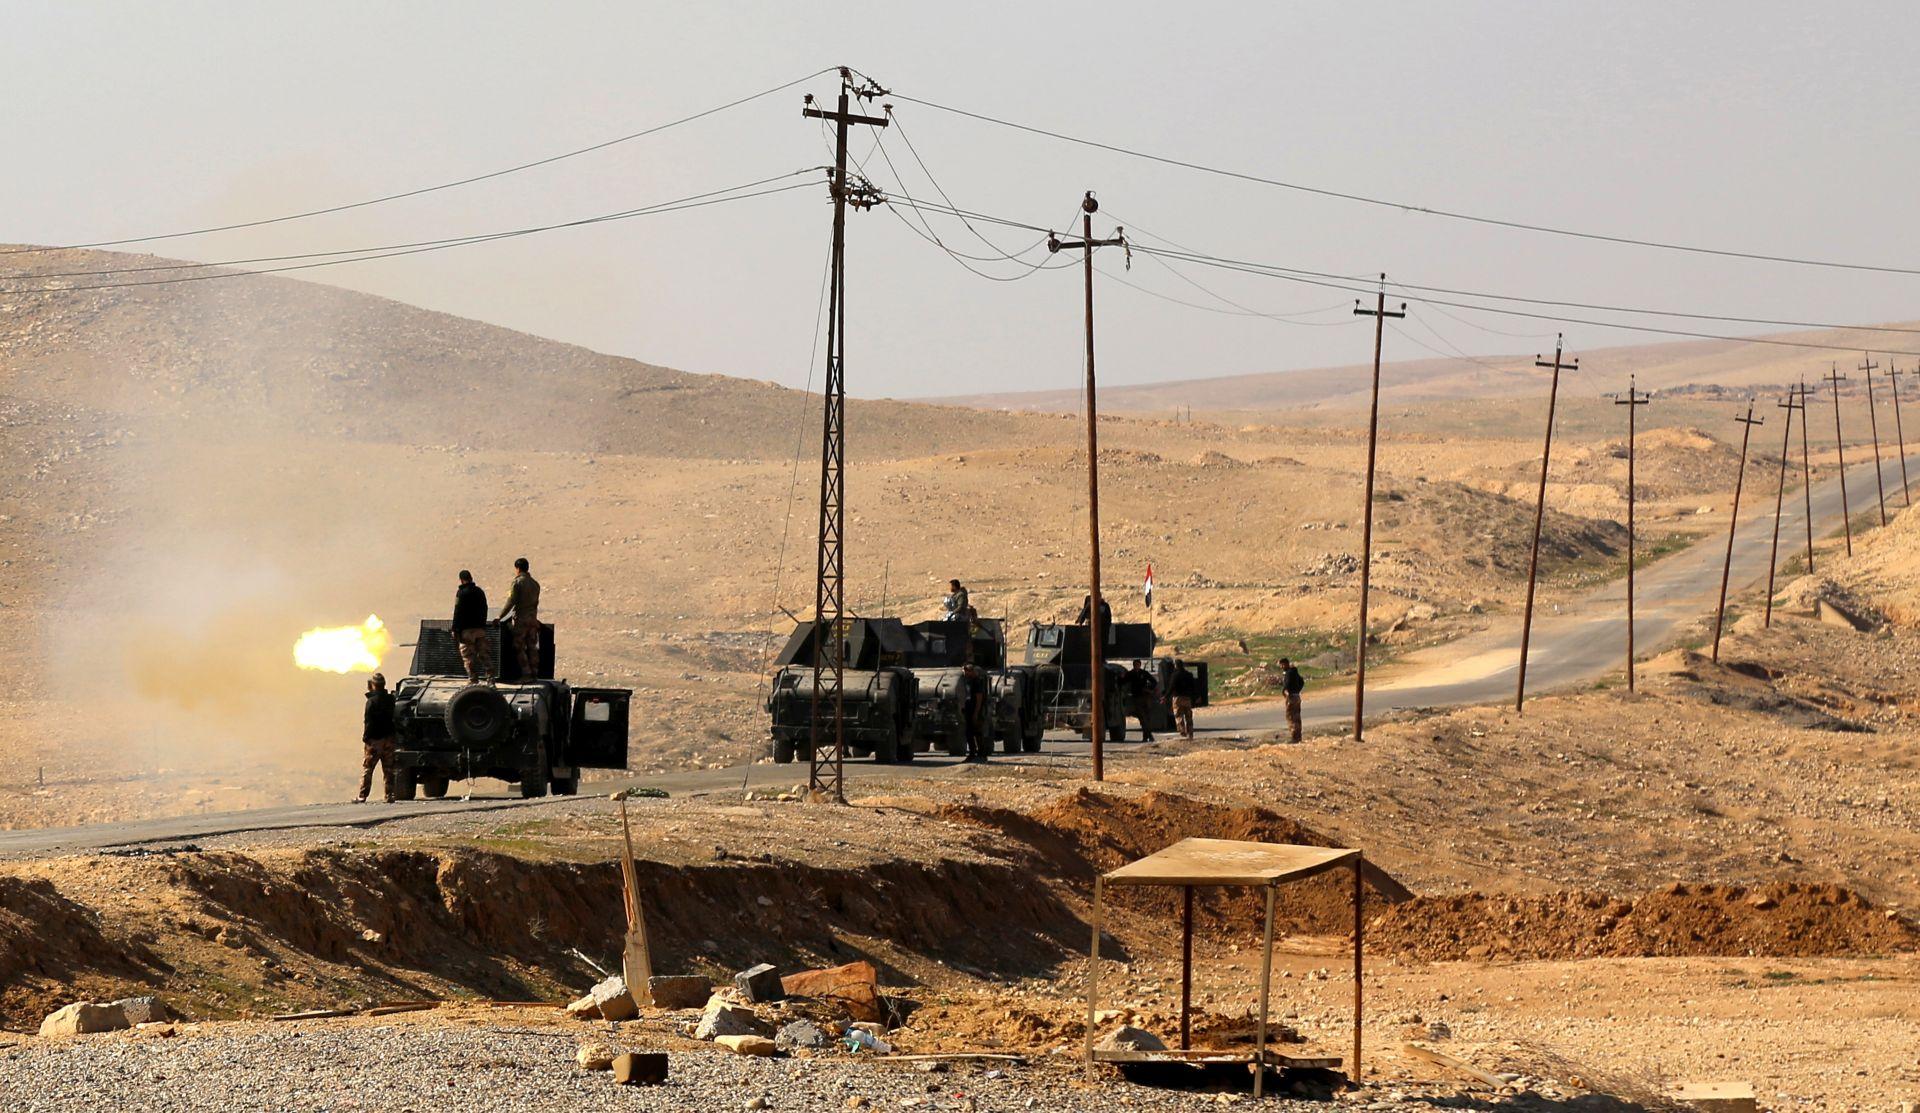 Iračke snage preuzele kontrolu nad zračnom lukom u Mosulu